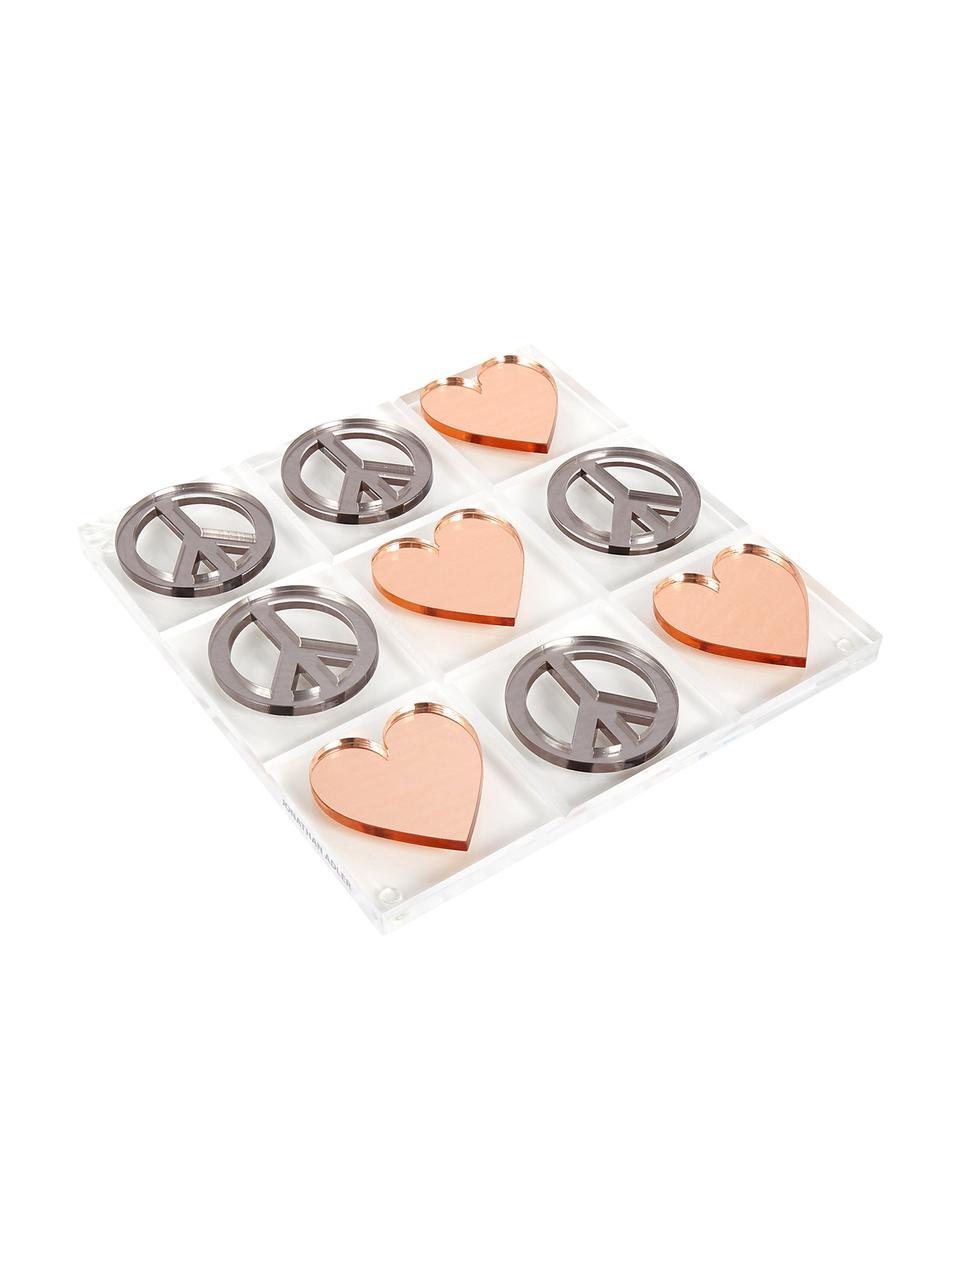 Gioco da tavolo Love & Peace Tic Tac Toe, 100% vetro acrilico, Elementi del gioco: argento e color rame Scheda di gioco: trasparente, P 26 x L 26 cm